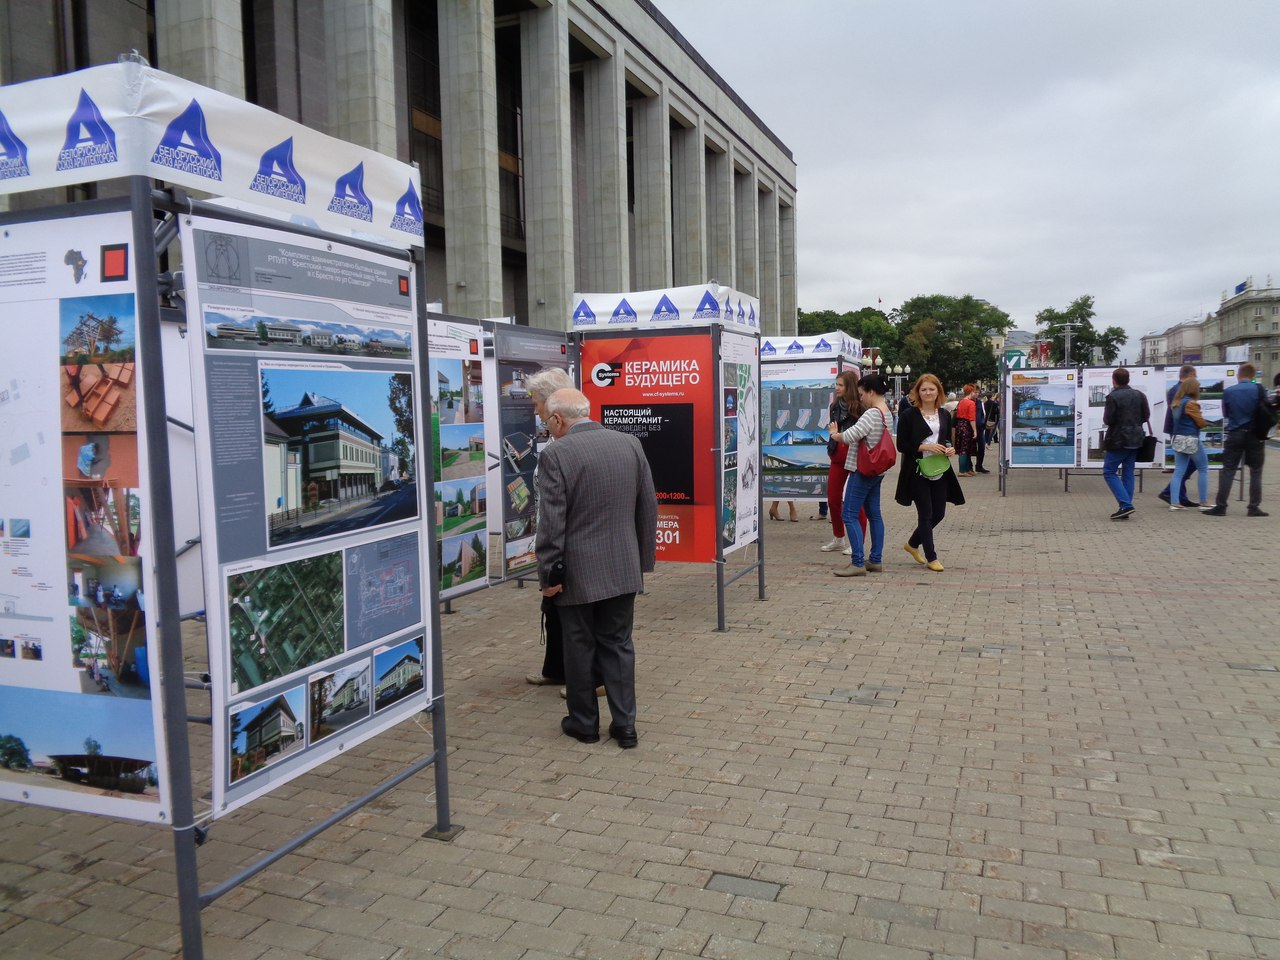 """ХI Национальный фестиваль архитектуры """"Минск-2015"""" сегодня открылся в Минске 13"""